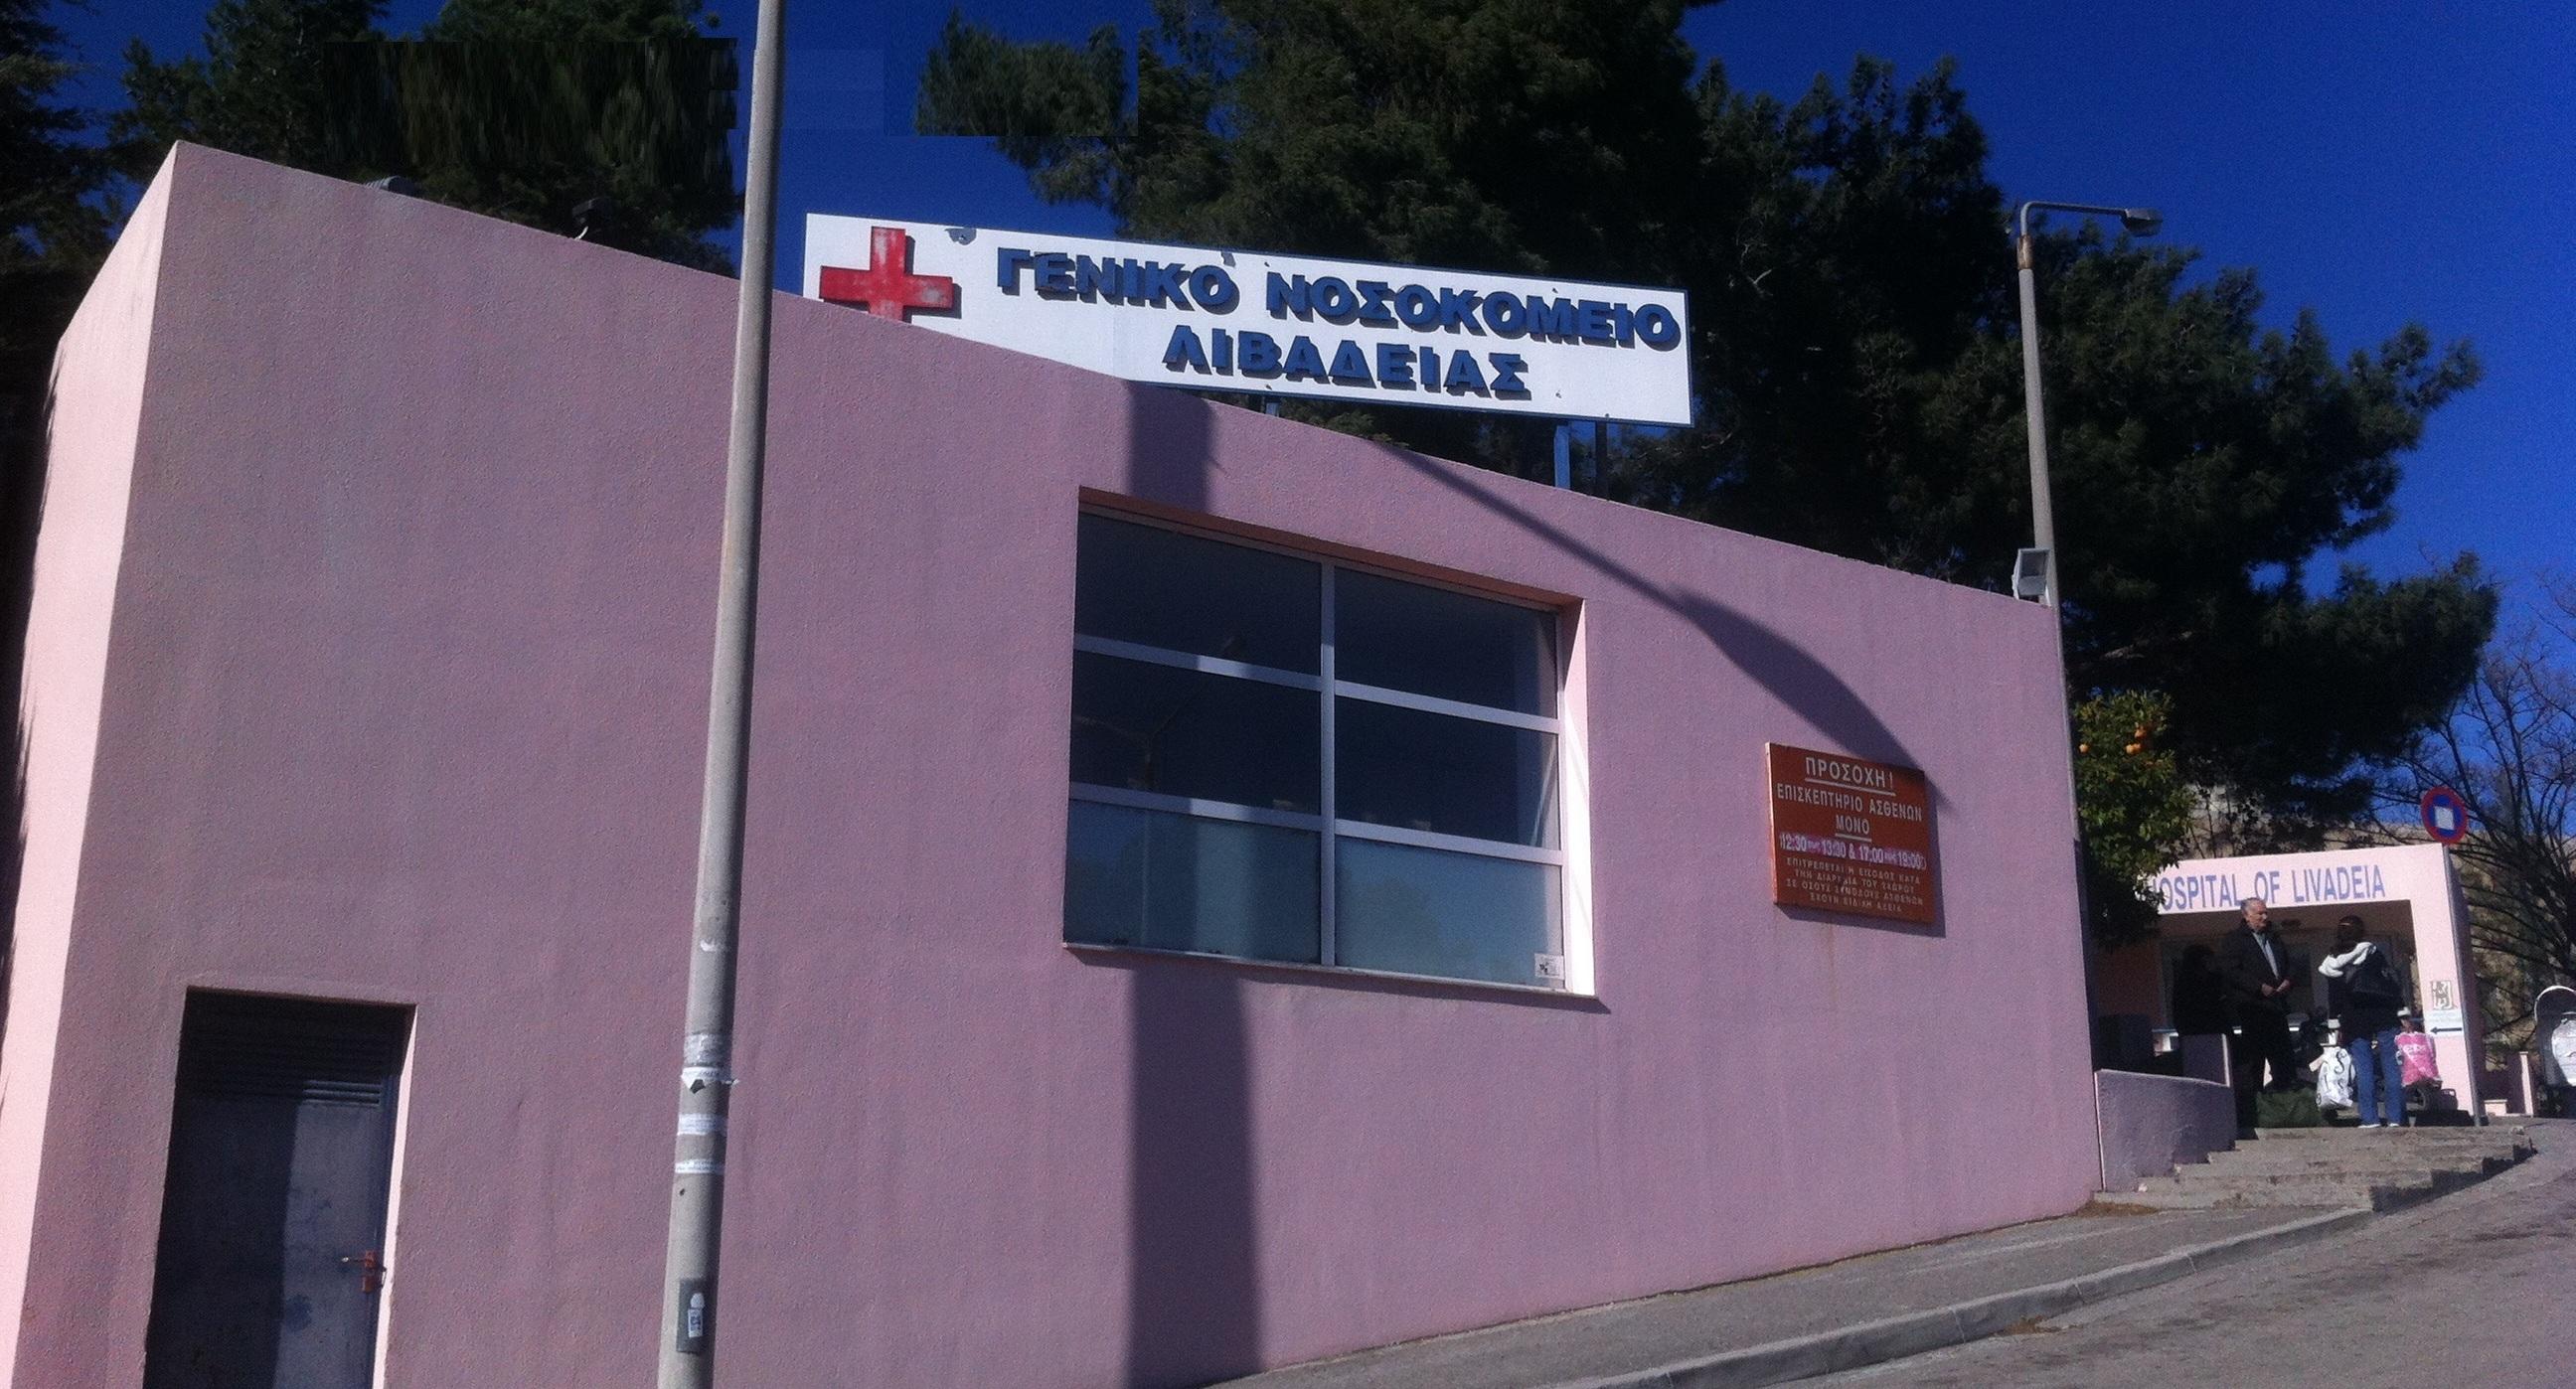 Κορονοϊός Λιβαδειά:7 νέα δείγματα για έλεγχο από το νοσοκομείο Λιβαδειάς